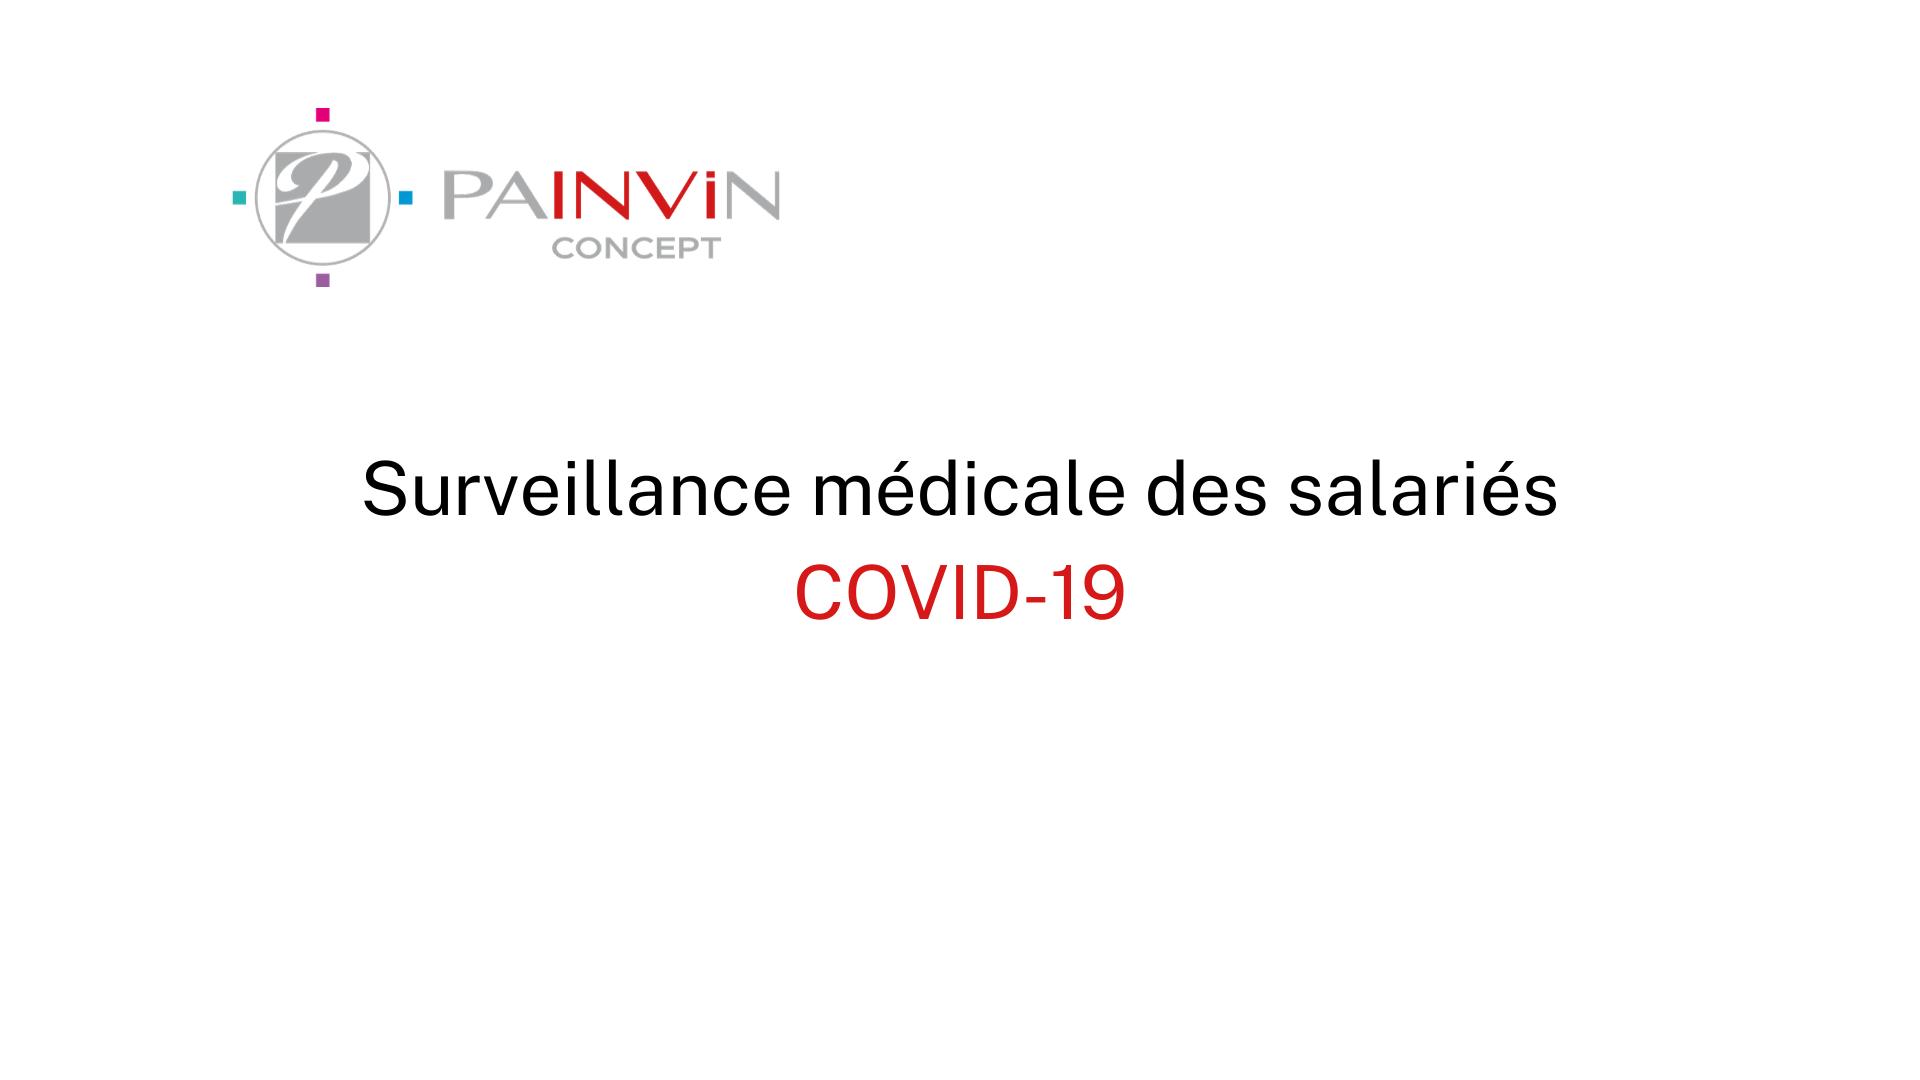 Surveillance médicale des salariés dans le cadre du covid-19